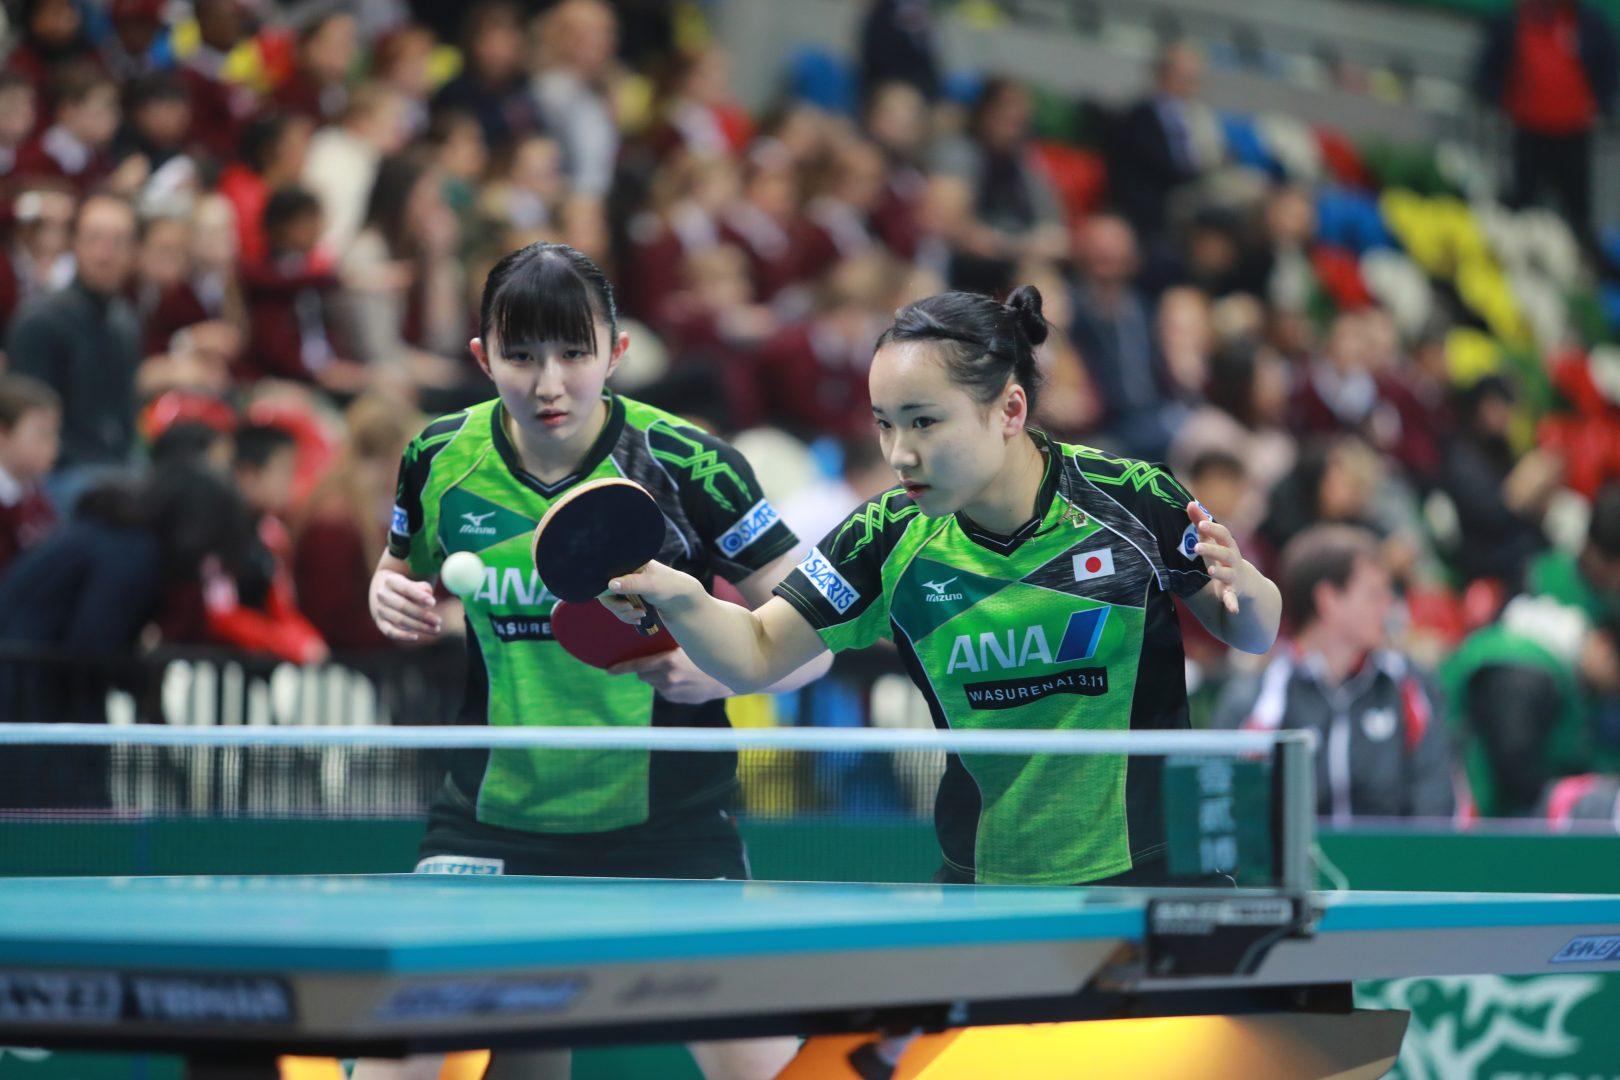 卓球女子、美宇抜きでグループリーグ1位通過へ 【ITTFチームワールドカップ2018】(大会初日の結果)